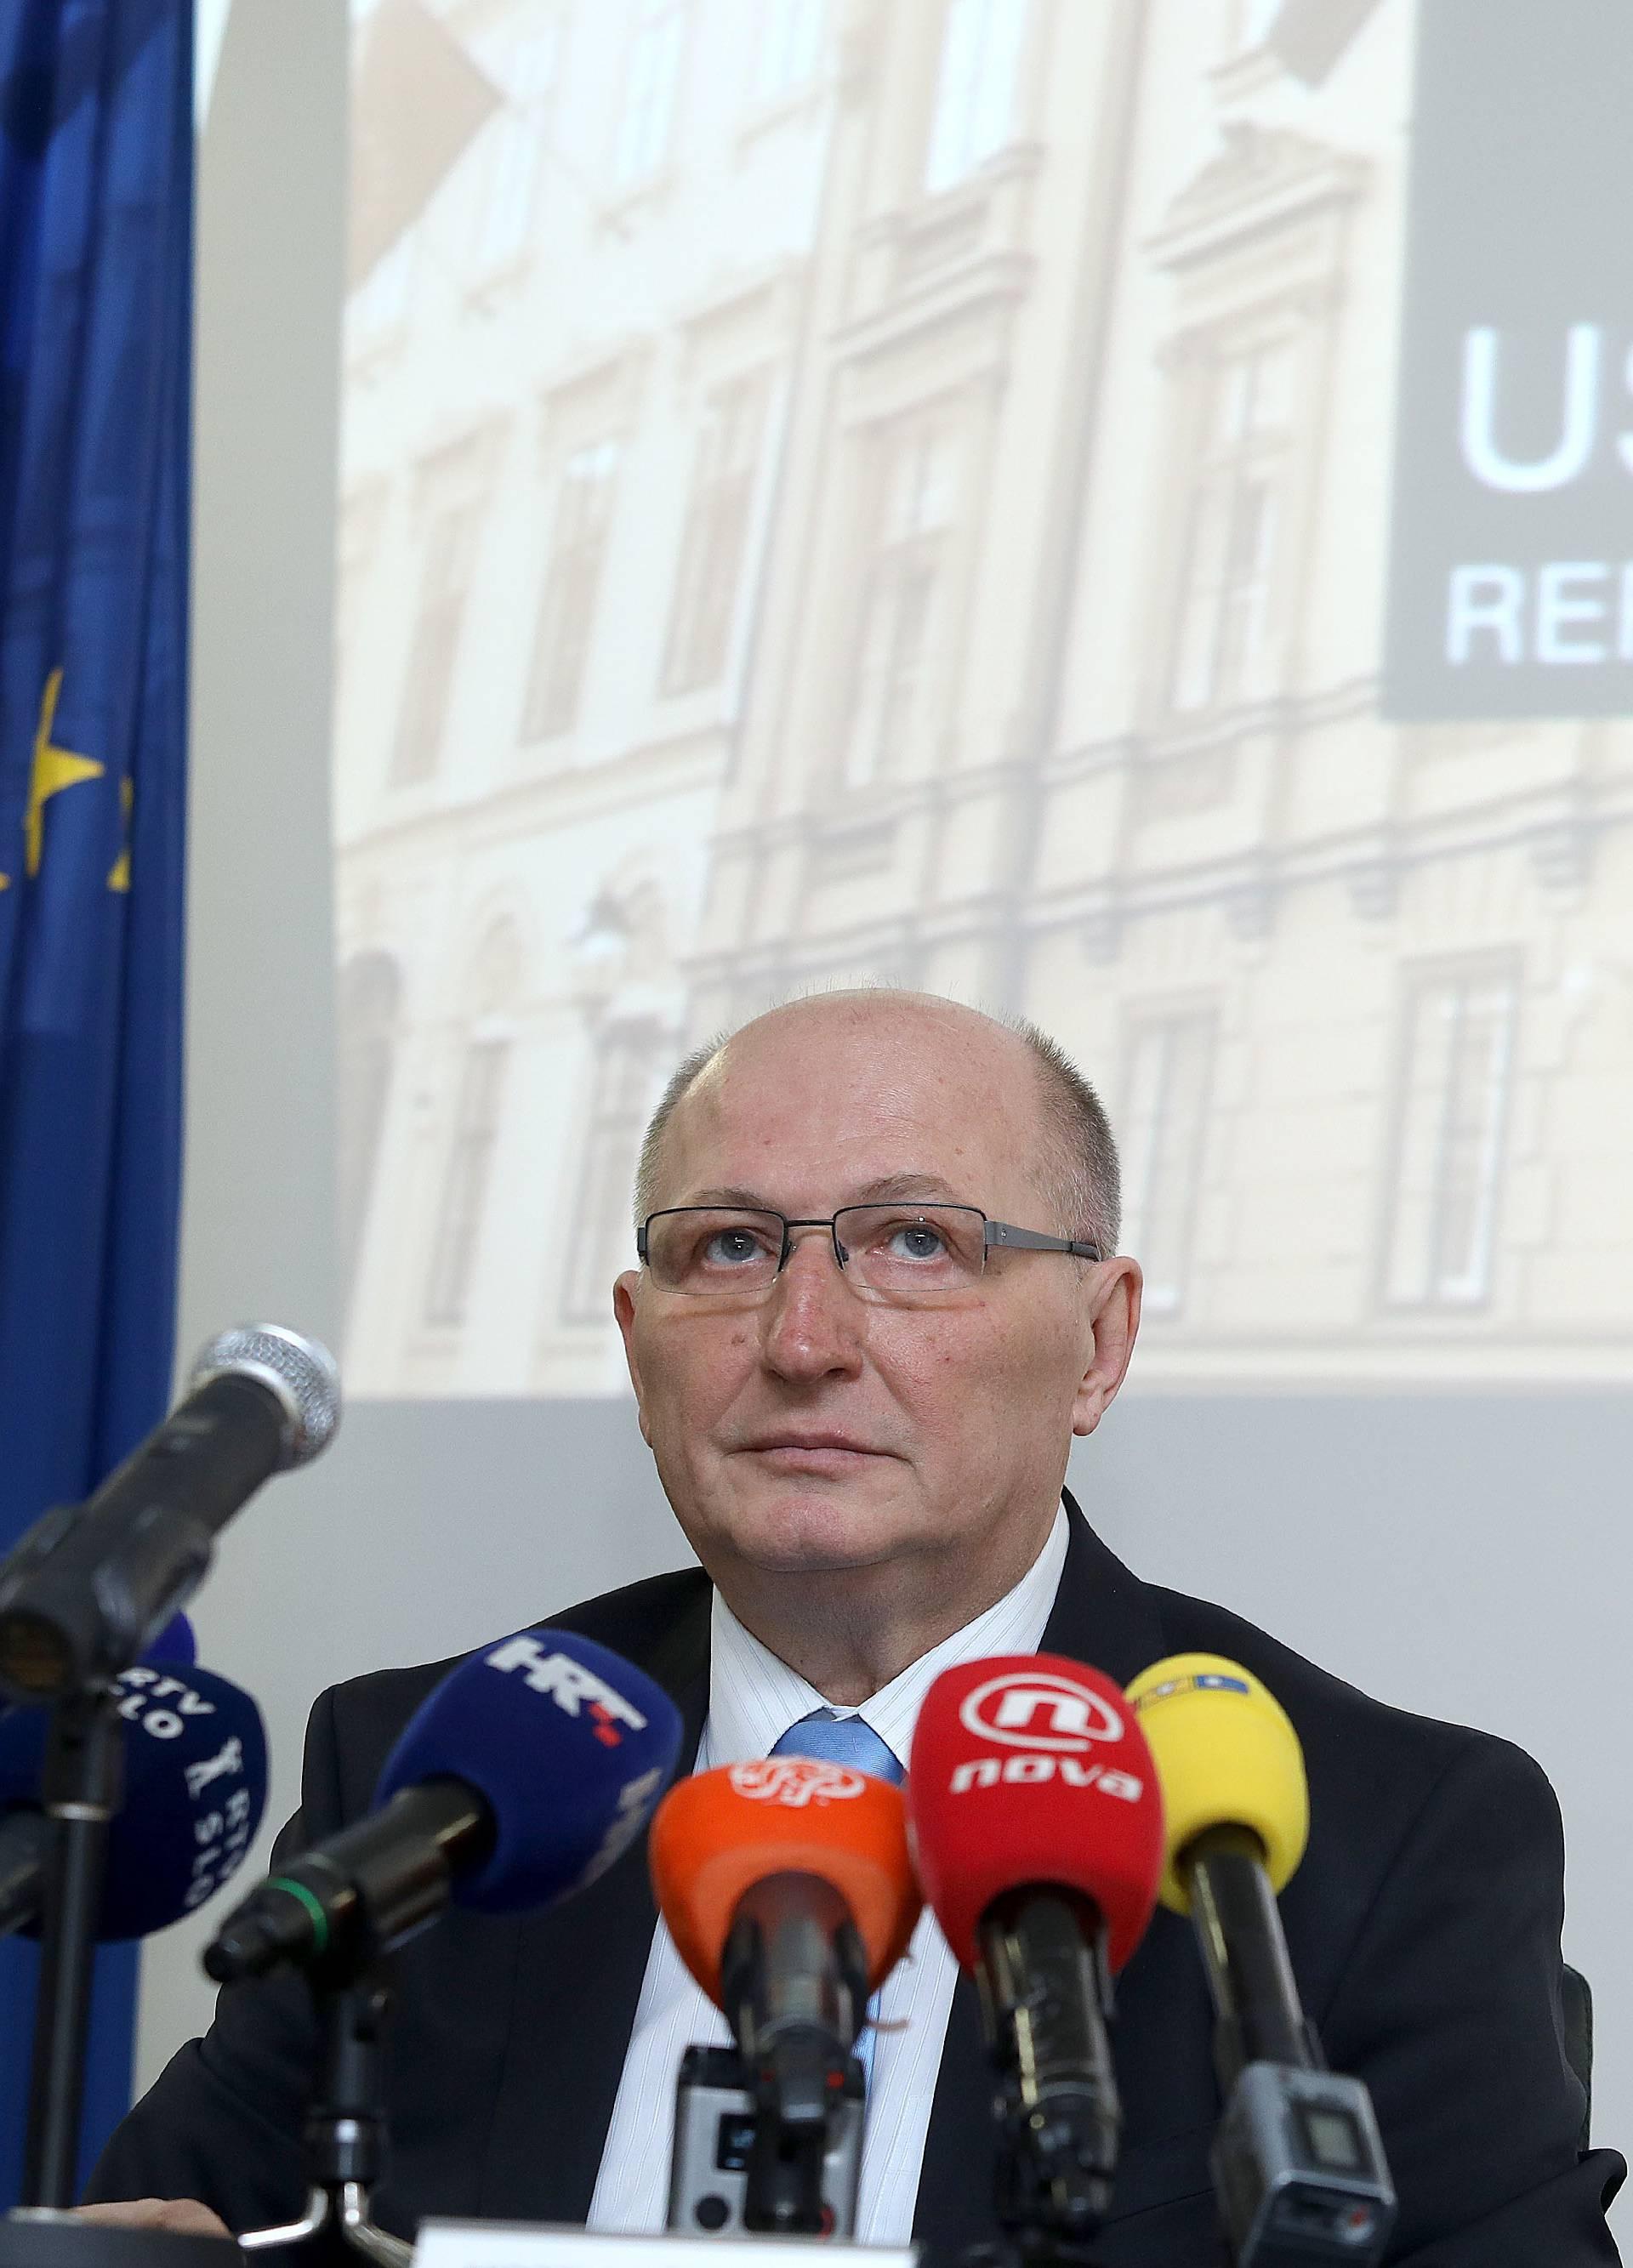 Odvjetnik i ustavni stručnjak komentirali odluku Suda: 'Moguća je naknada štete'